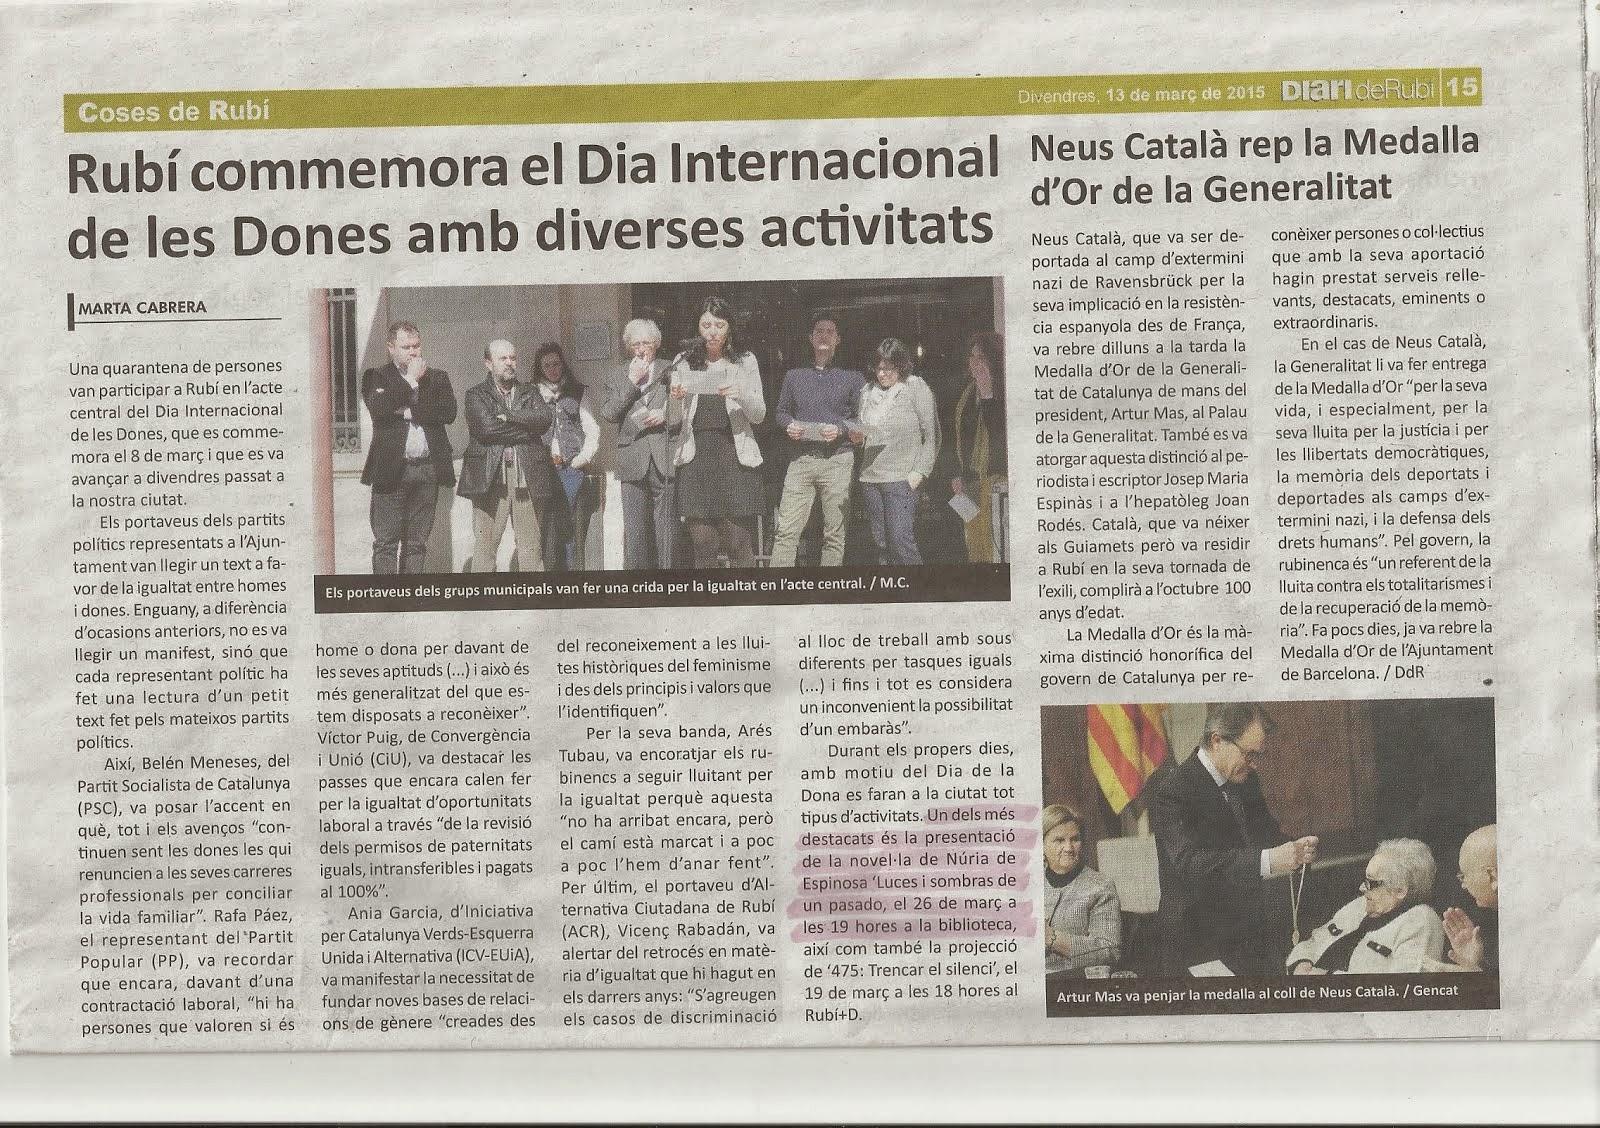 Destacan la noticia de la presentación de mi novela en el Diario de Rubí